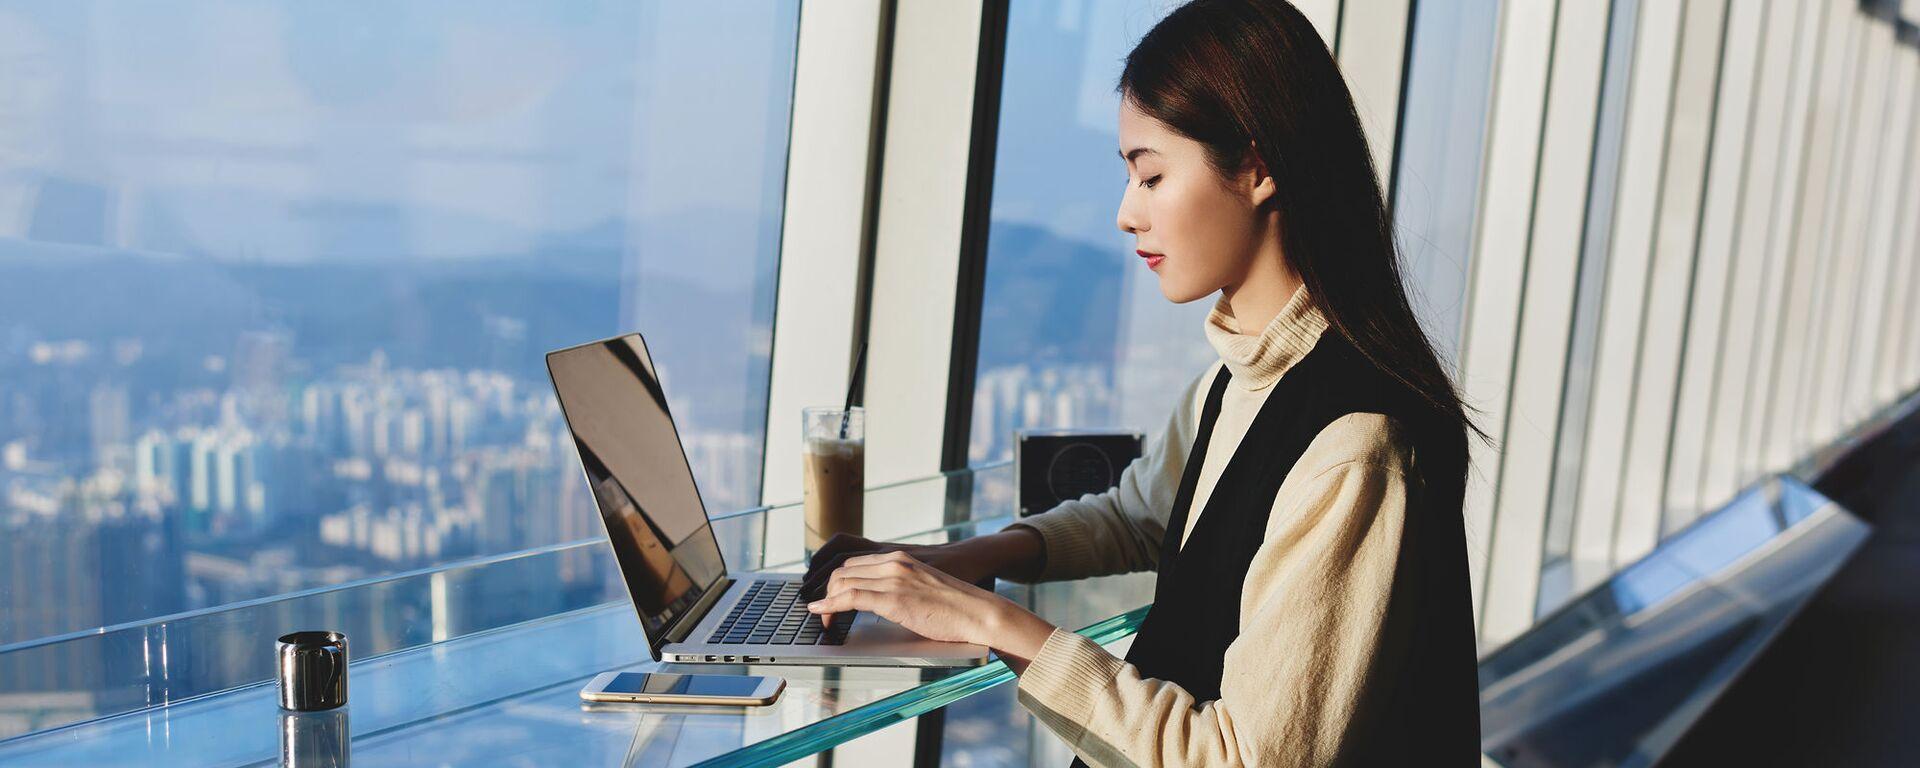 Cô gái châu Á đang làm việc trên máy tính xách tay. - Sputnik Việt Nam, 1920, 17.06.2021